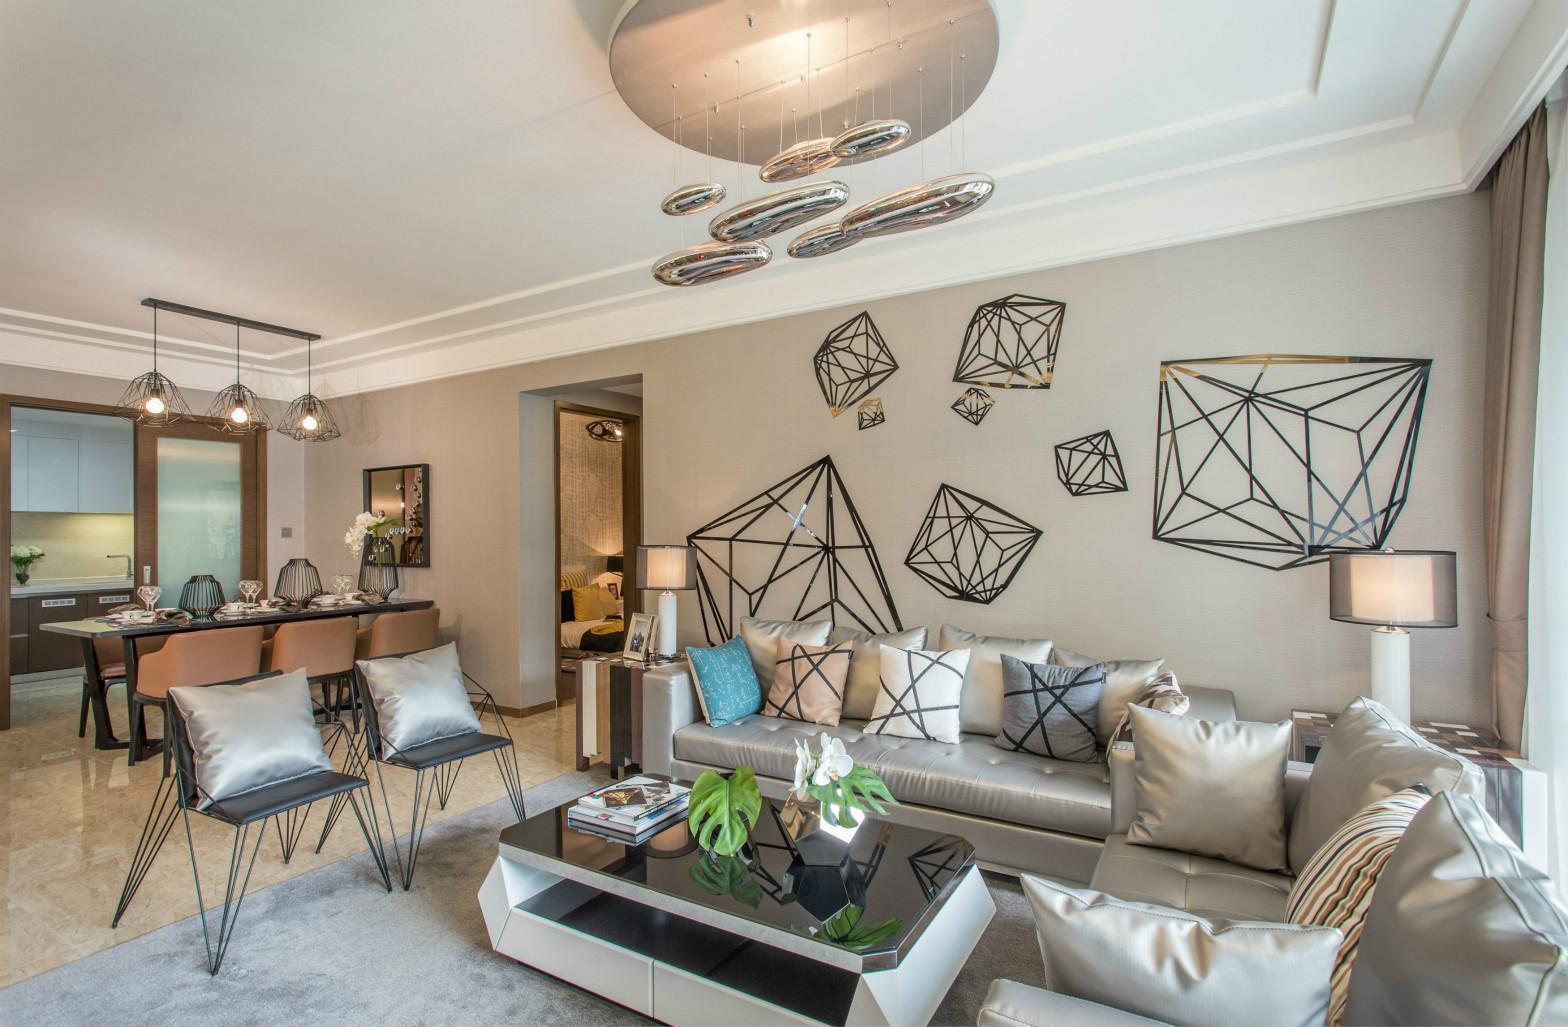 沙发背景墙画着不规则的黑色图形搭配顶上椭圆形的吊灯整个空间时尚大气